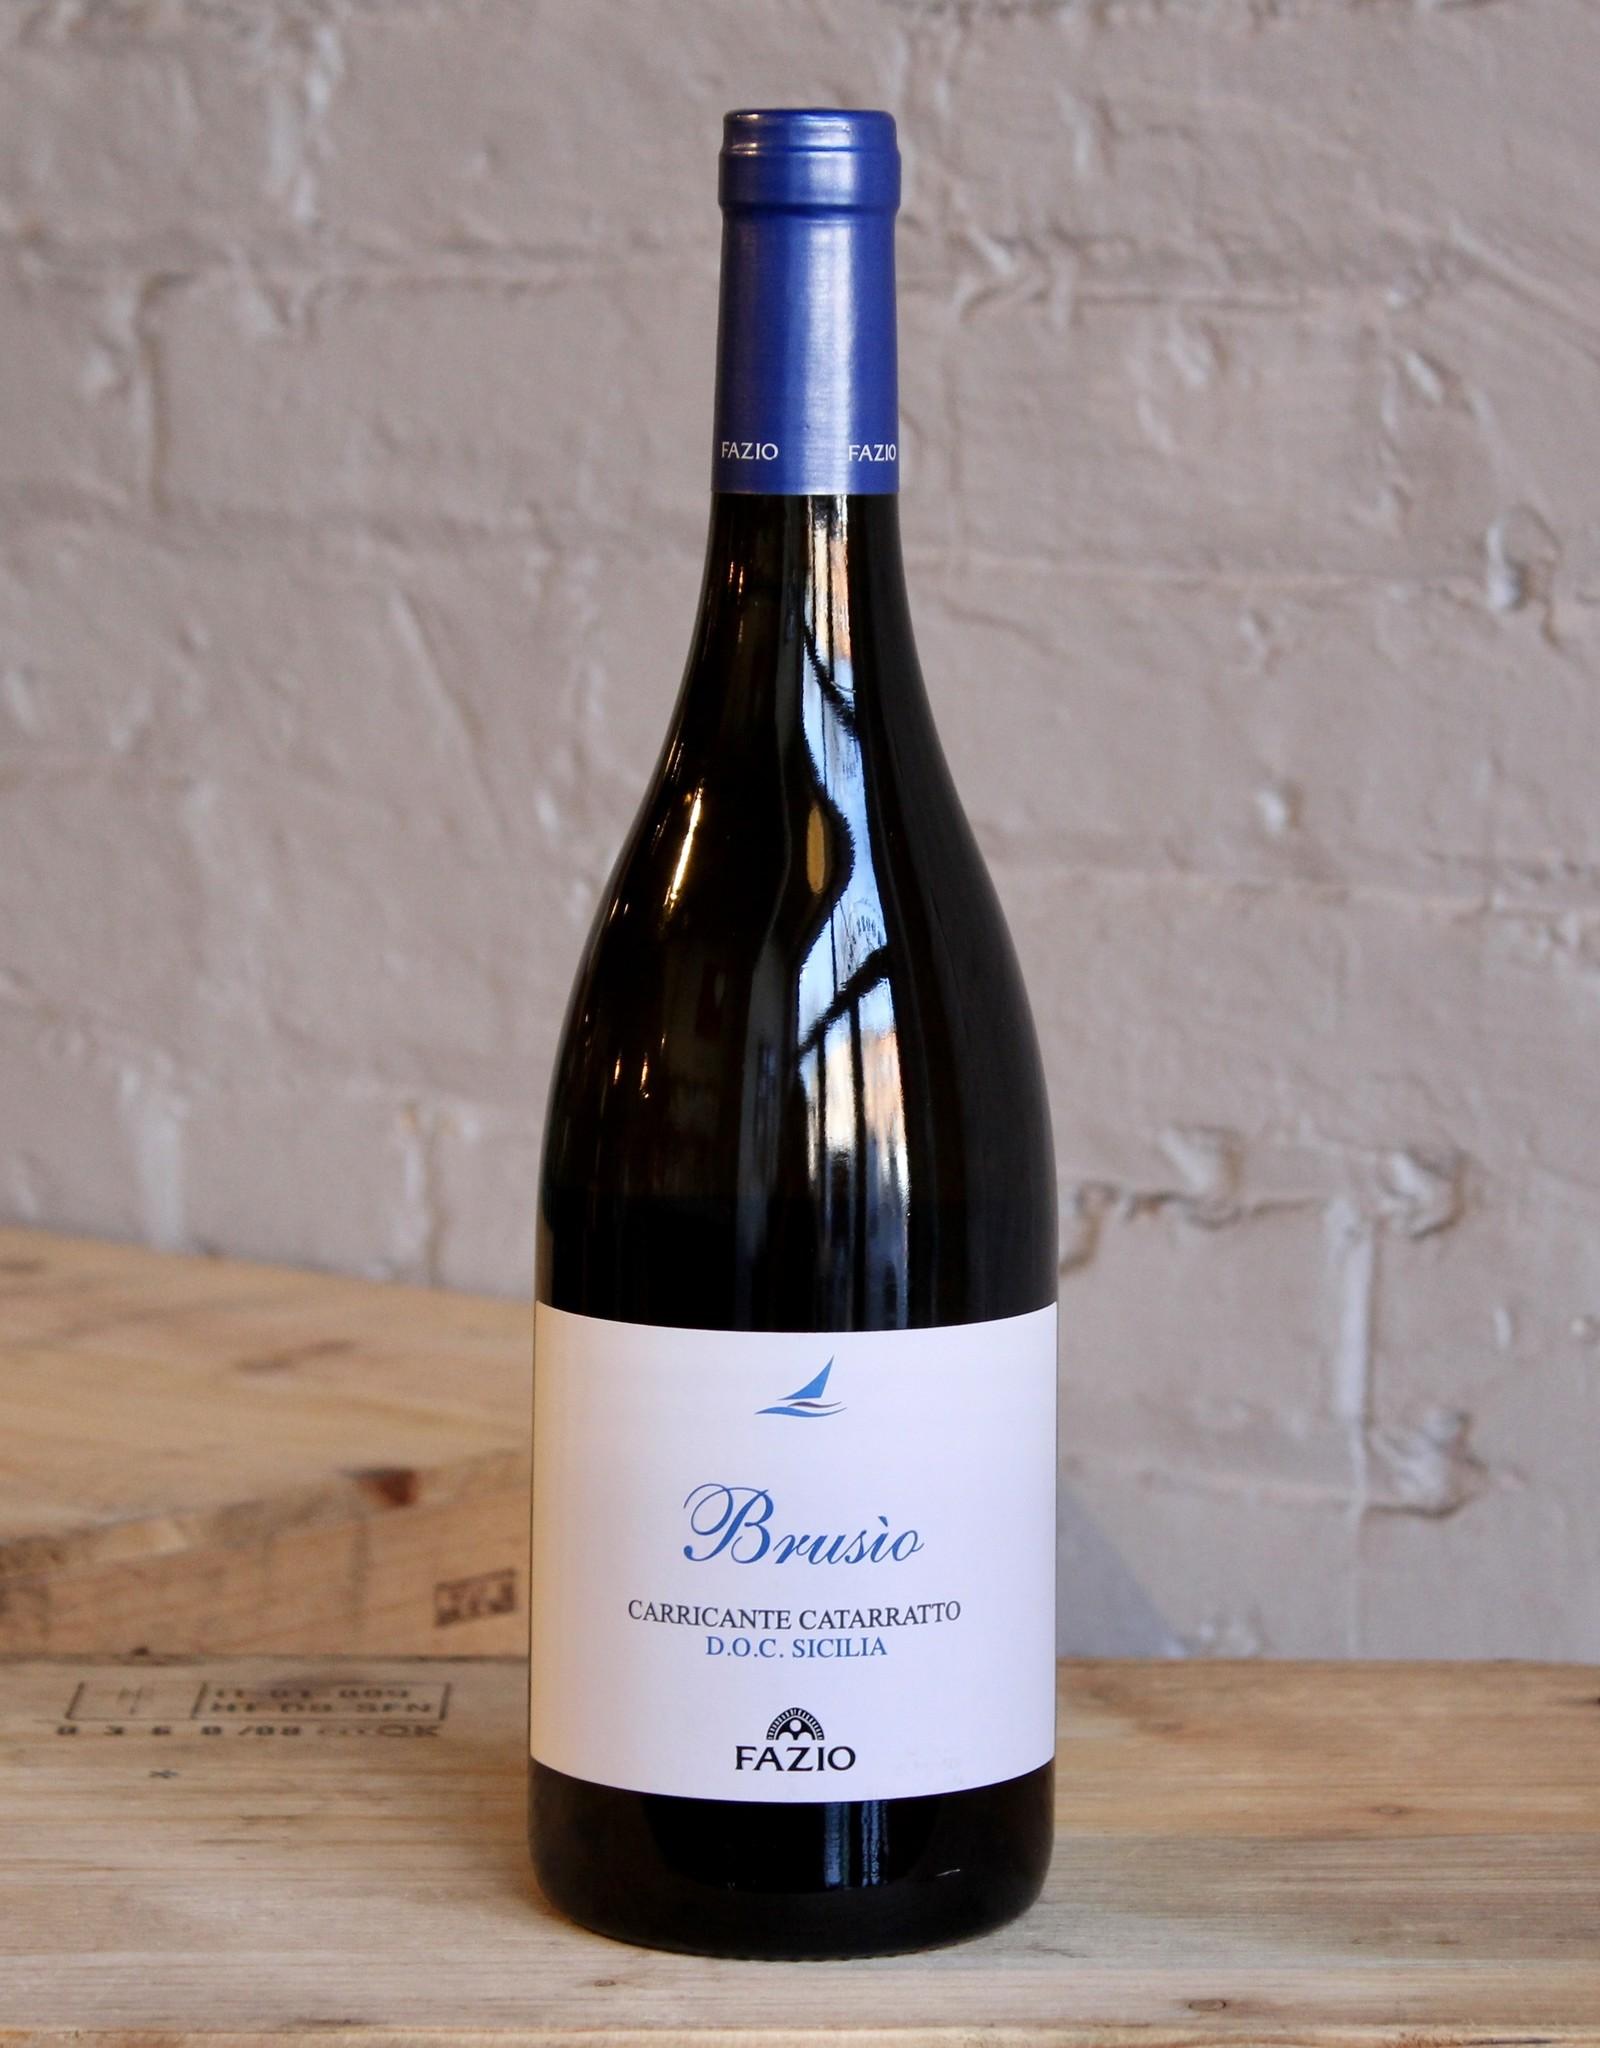 Wine 2018 Fazio Brusio Carricante Catarratto - Sicily, Italy (750ml)